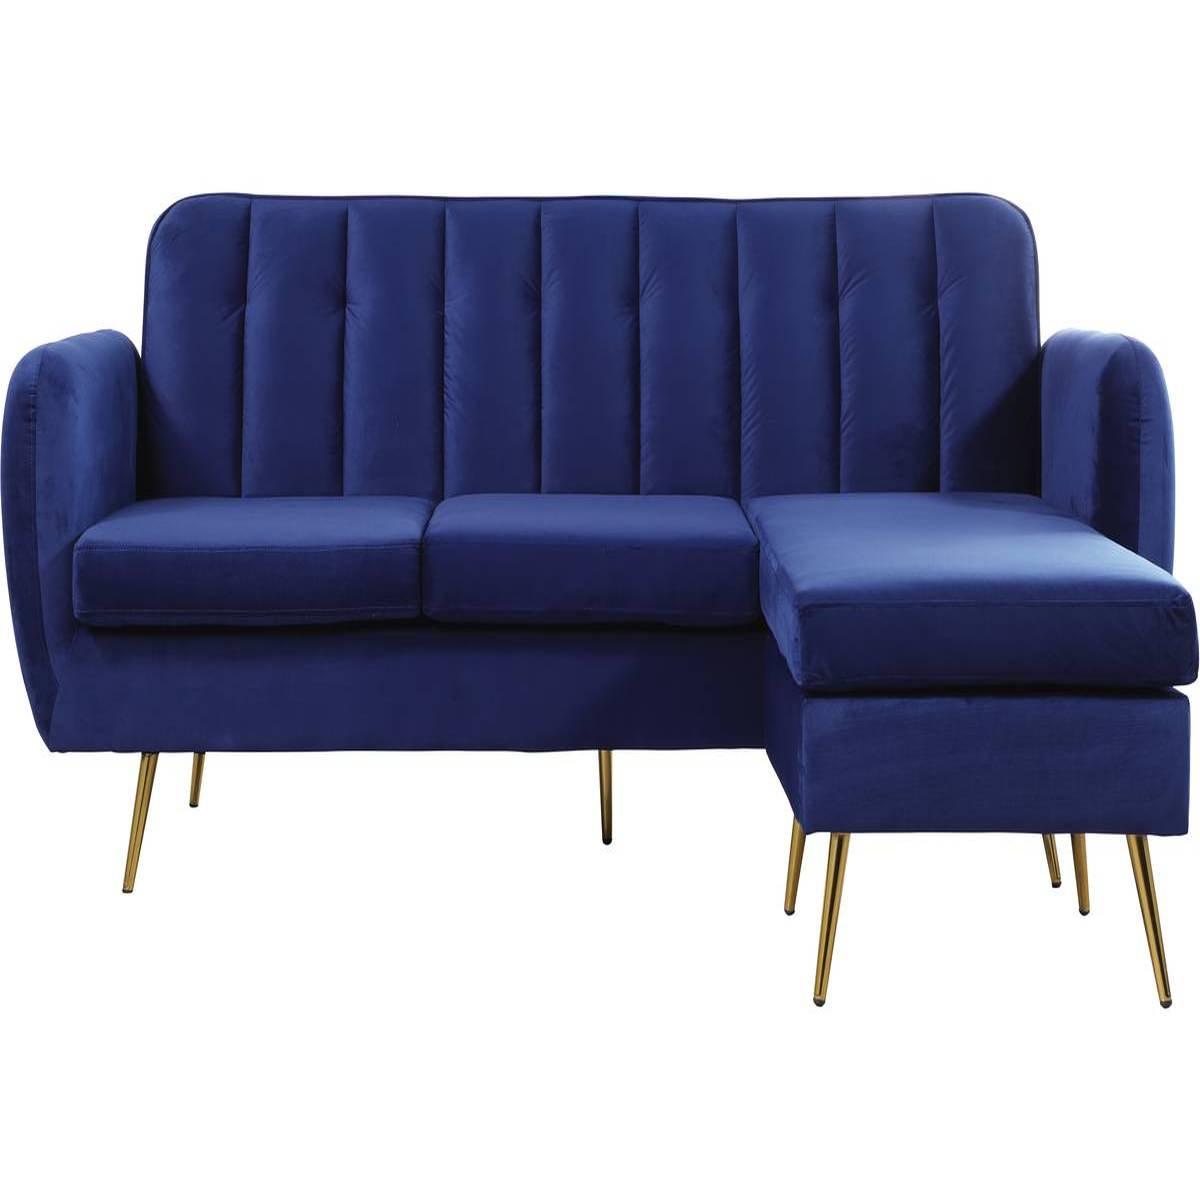 Canapé D'angle Réversible Velours Leonard - 202 X 80/138 X 92 Cm - 3 Places  - Bleu Foncé , Canapé D'angle Réversible En Velours Leonard - Dimensions :  ... à Canape Structure Bois